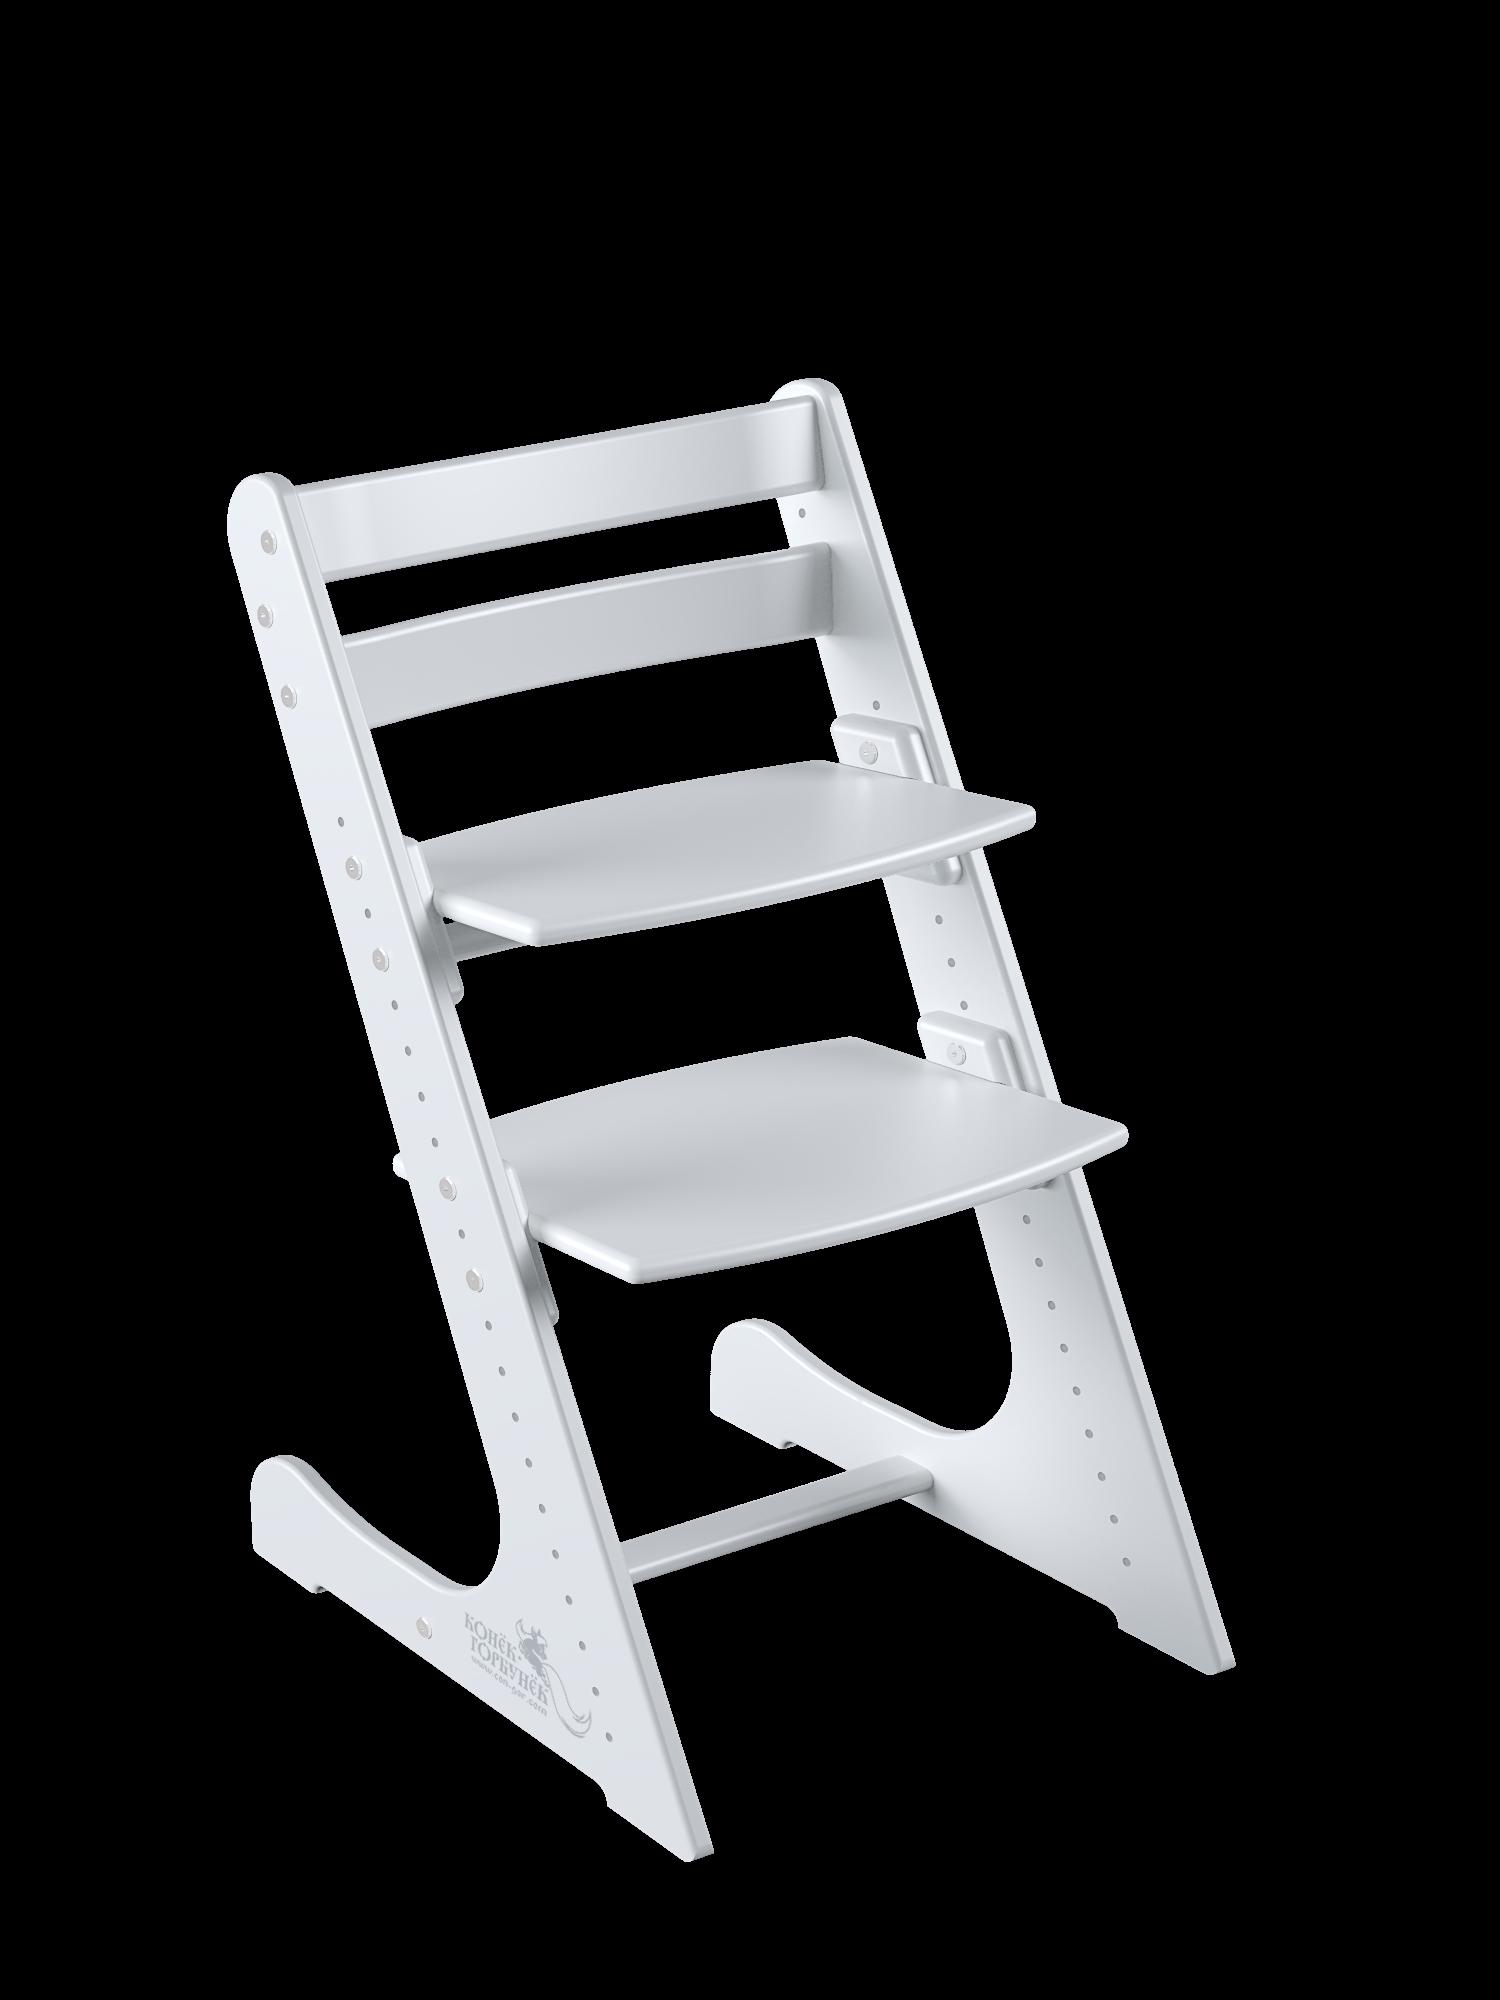 Купить Детский растущий стул Конёк Горбунёк Комфорт (Белый), Детский растущий стул Конёк Горбунёк Комфорт Белый, Конек Горбунек,